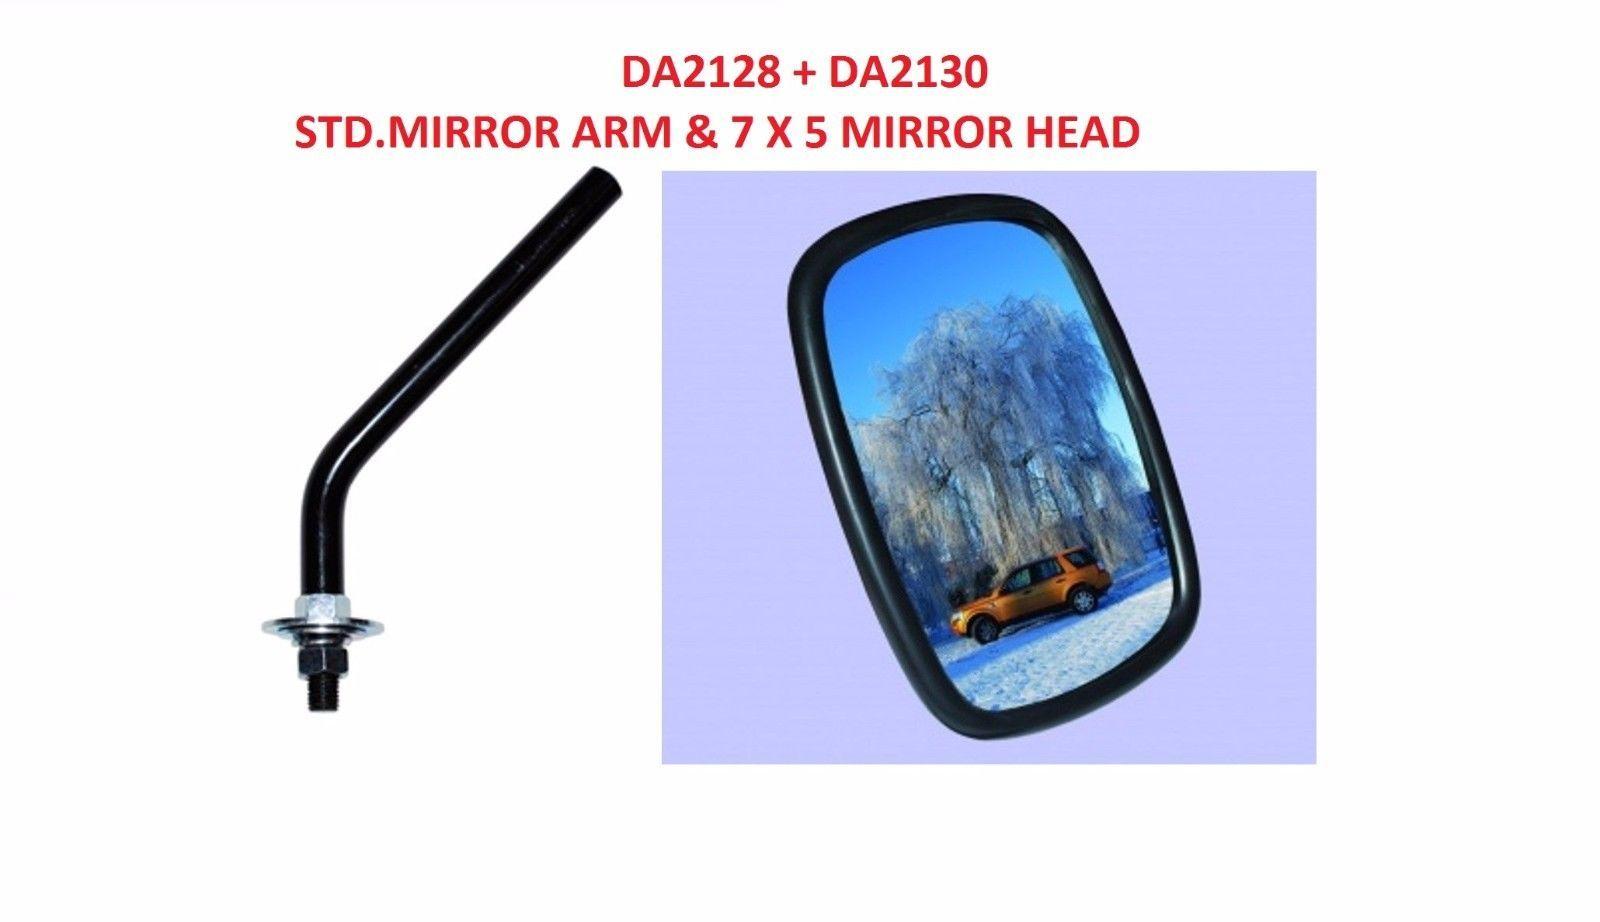 PART 606187 LAND ROVER SERIES 1,2 ROUND TYPE MIRROR HEAD